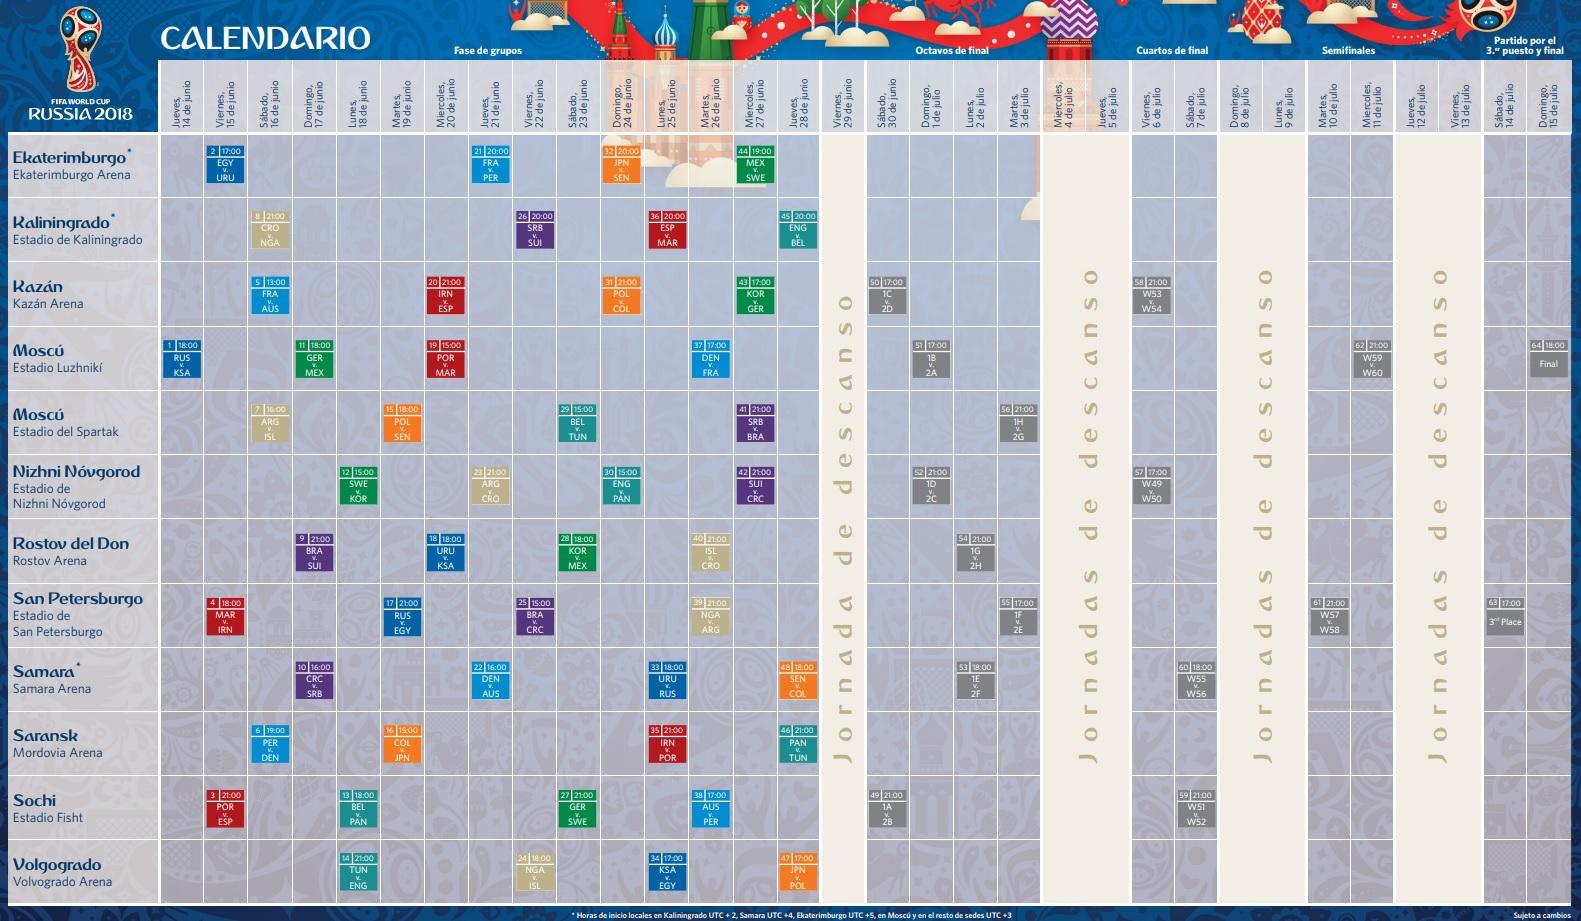 Calendario Rusia 2018 PDF Fixture ficchur del mundial rusia 2018